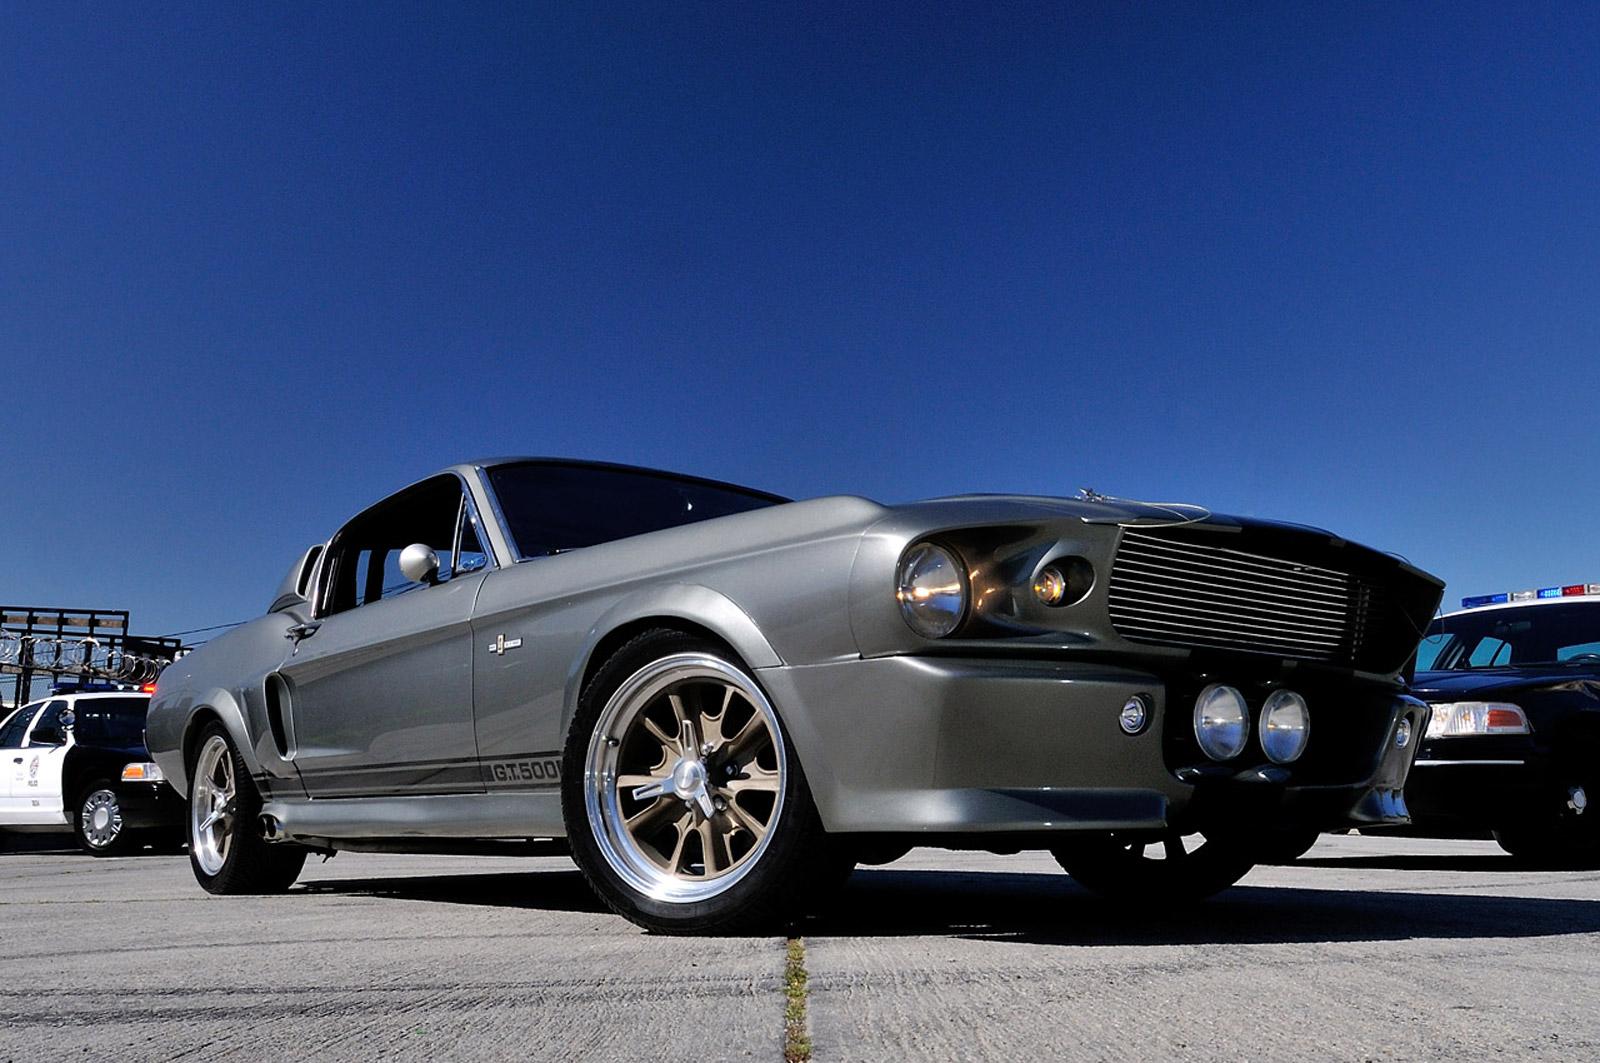 Un Shelby Mustang Gt500 Eleanor De 60 Segundos A Subasta